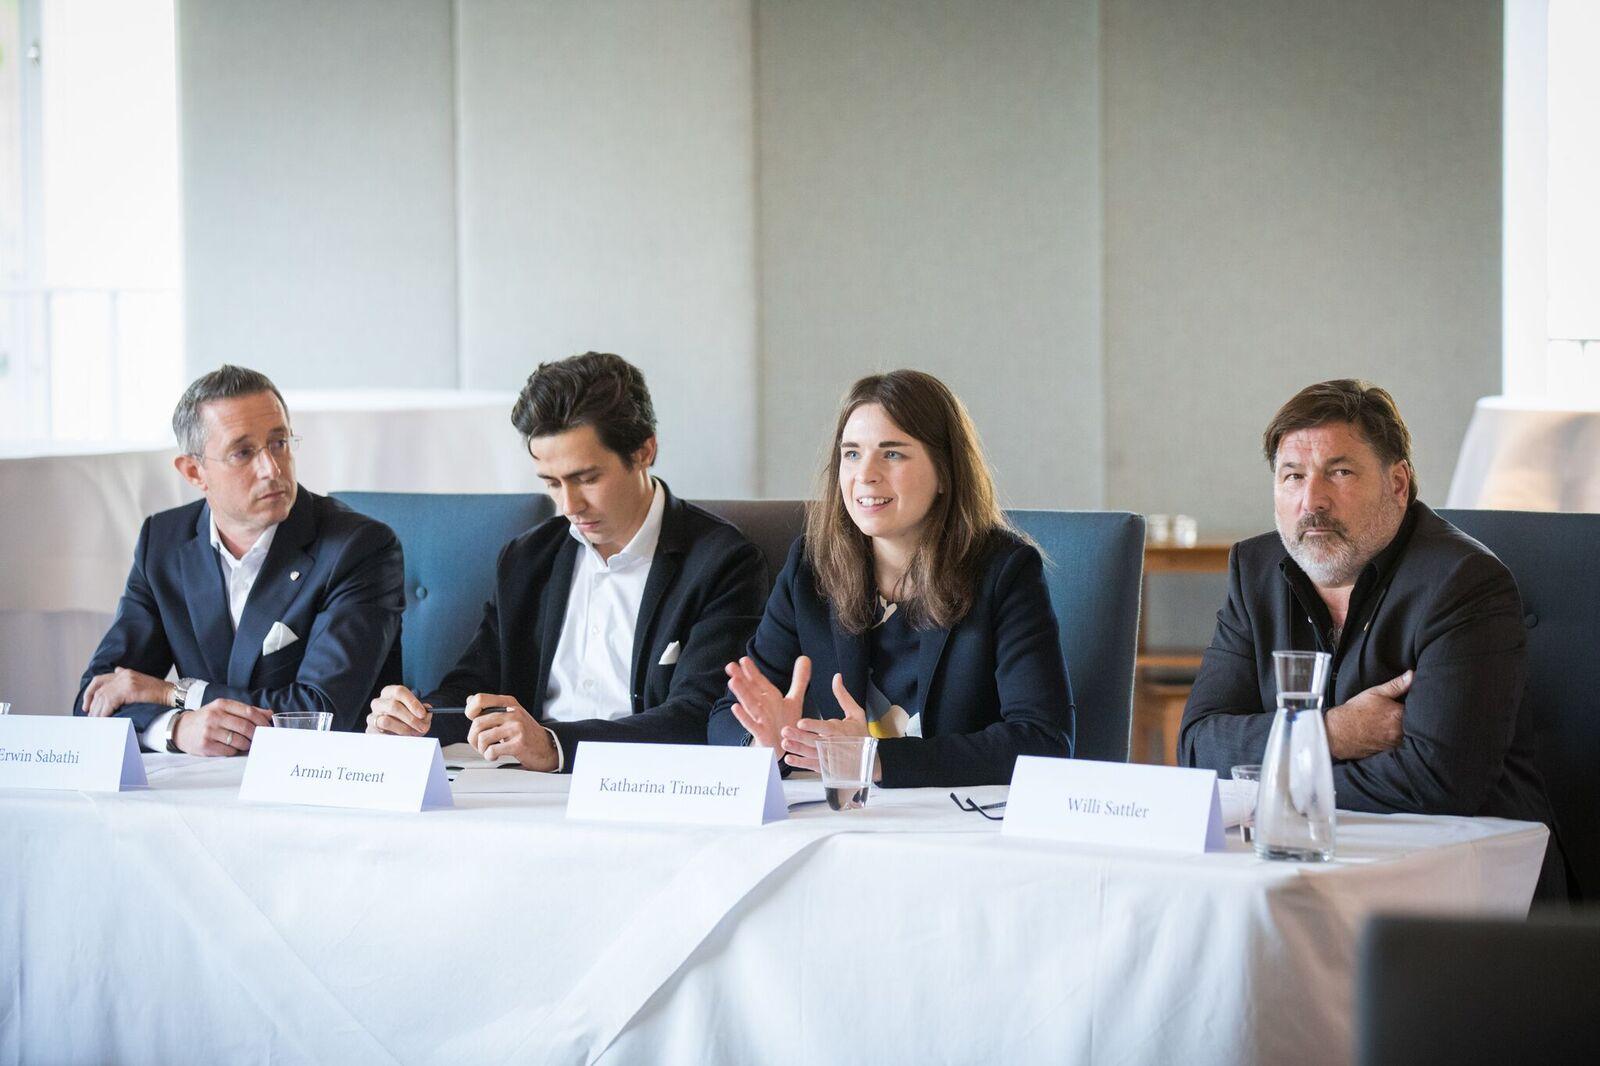 Katharina Tinnacher auf der Pressekonferenz am 6. November 2018 in Wien